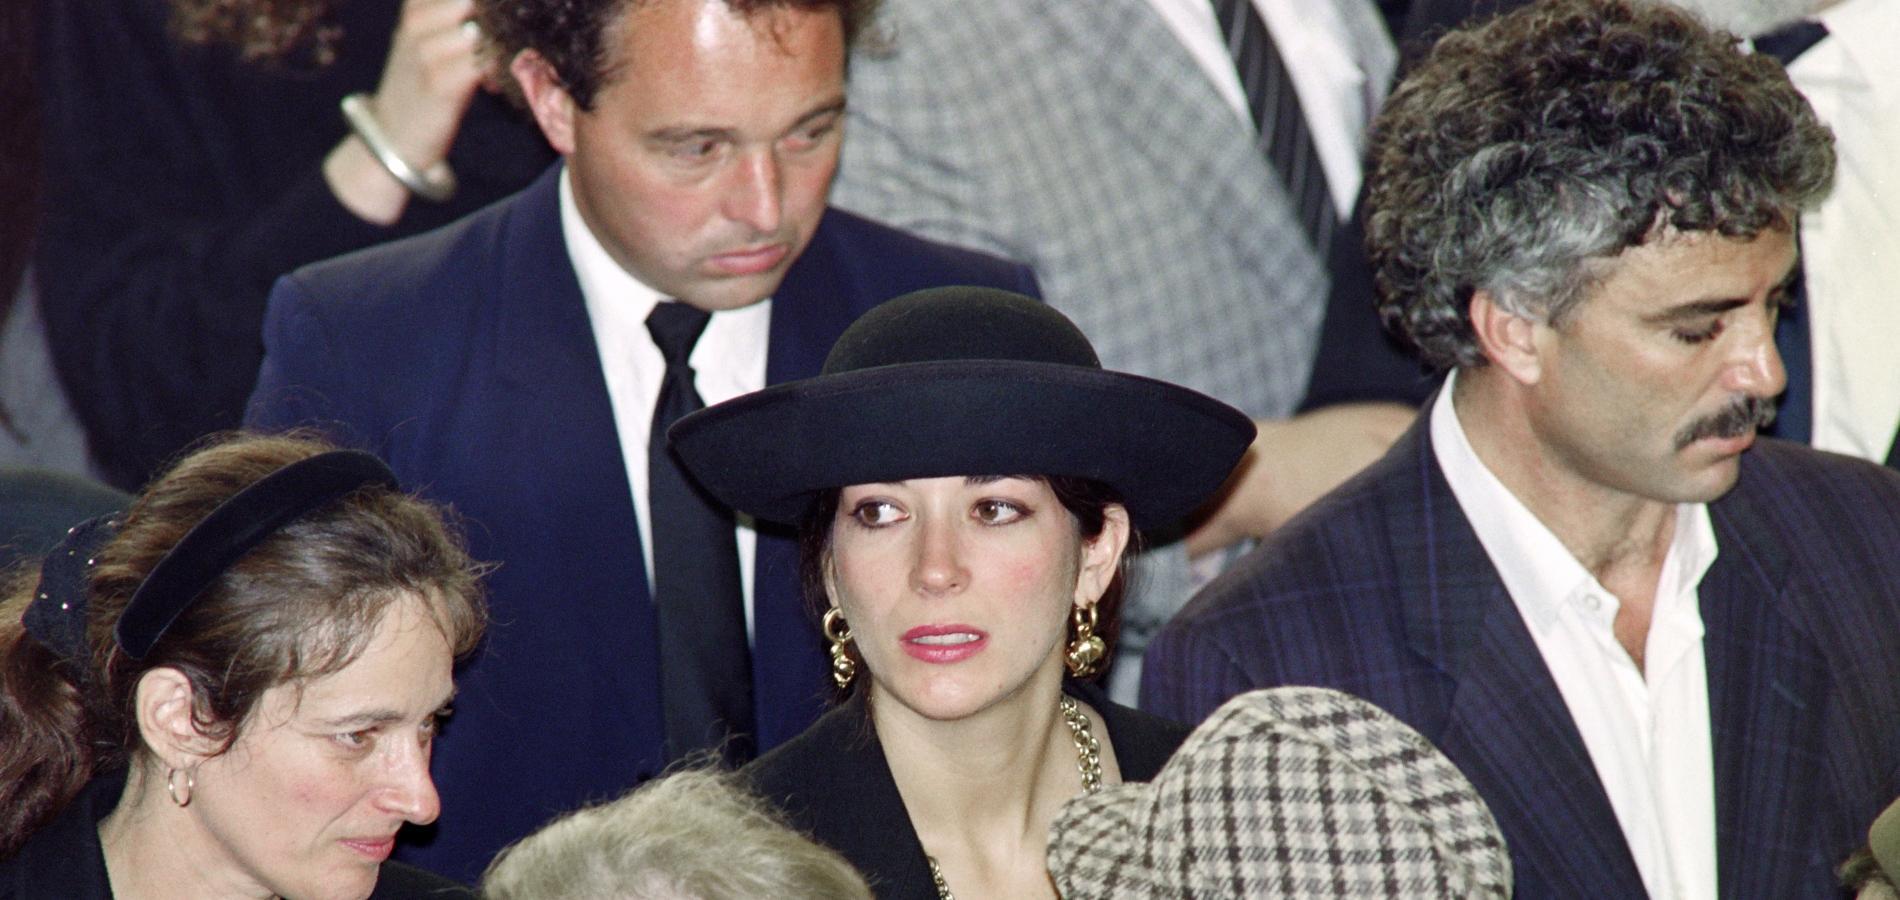 Ghislaine Maxwell aurait rendu des visites secrètes au prince Andrew au palais de Buckingham